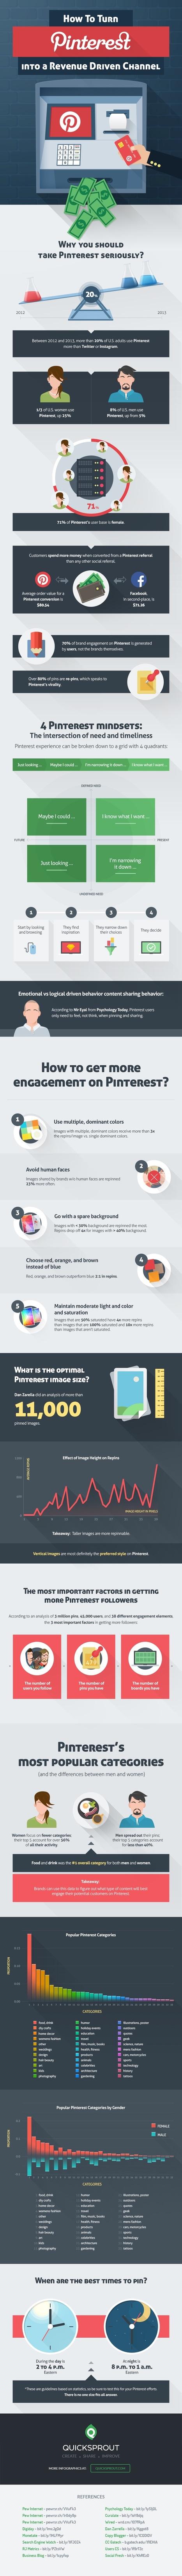 How to Turn Pinterest into a Revenue Generating Machine #Infographic | Réseaux et médias sociaux, veille, technique et outils | Scoop.it